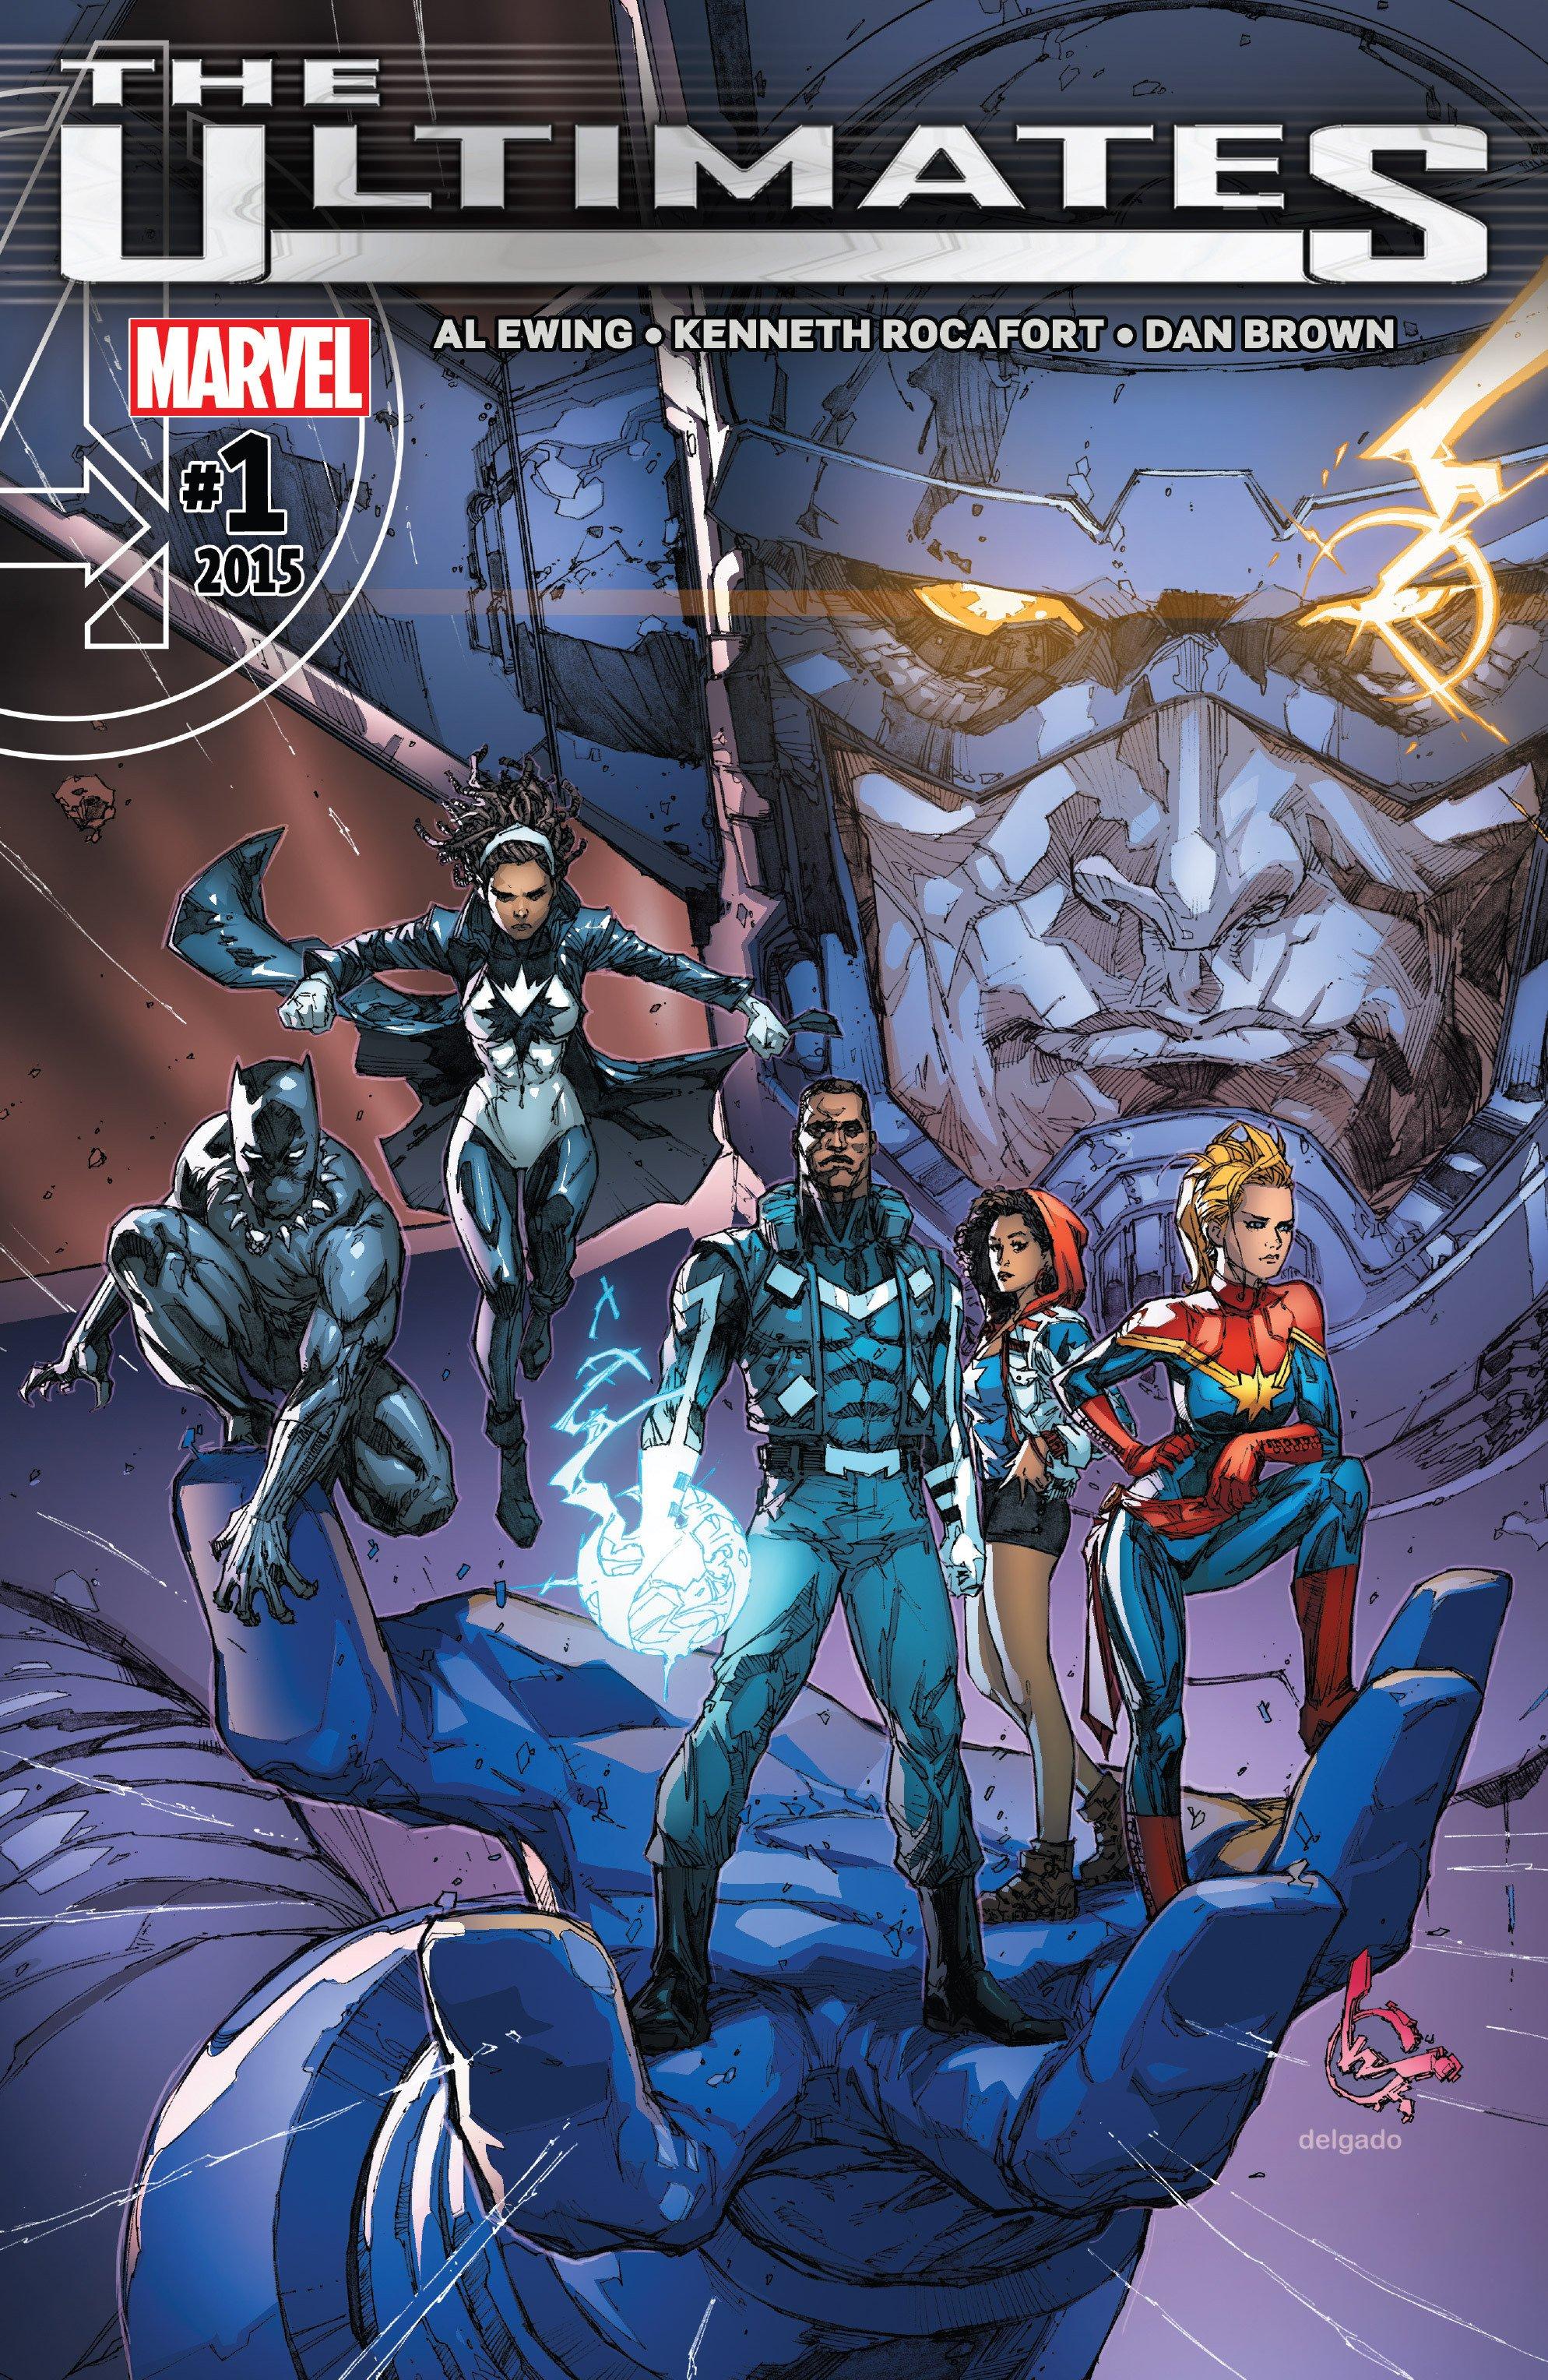 Обзор-мнение комиксов All-New All-Different Marvel, часть 4. - Изображение 8